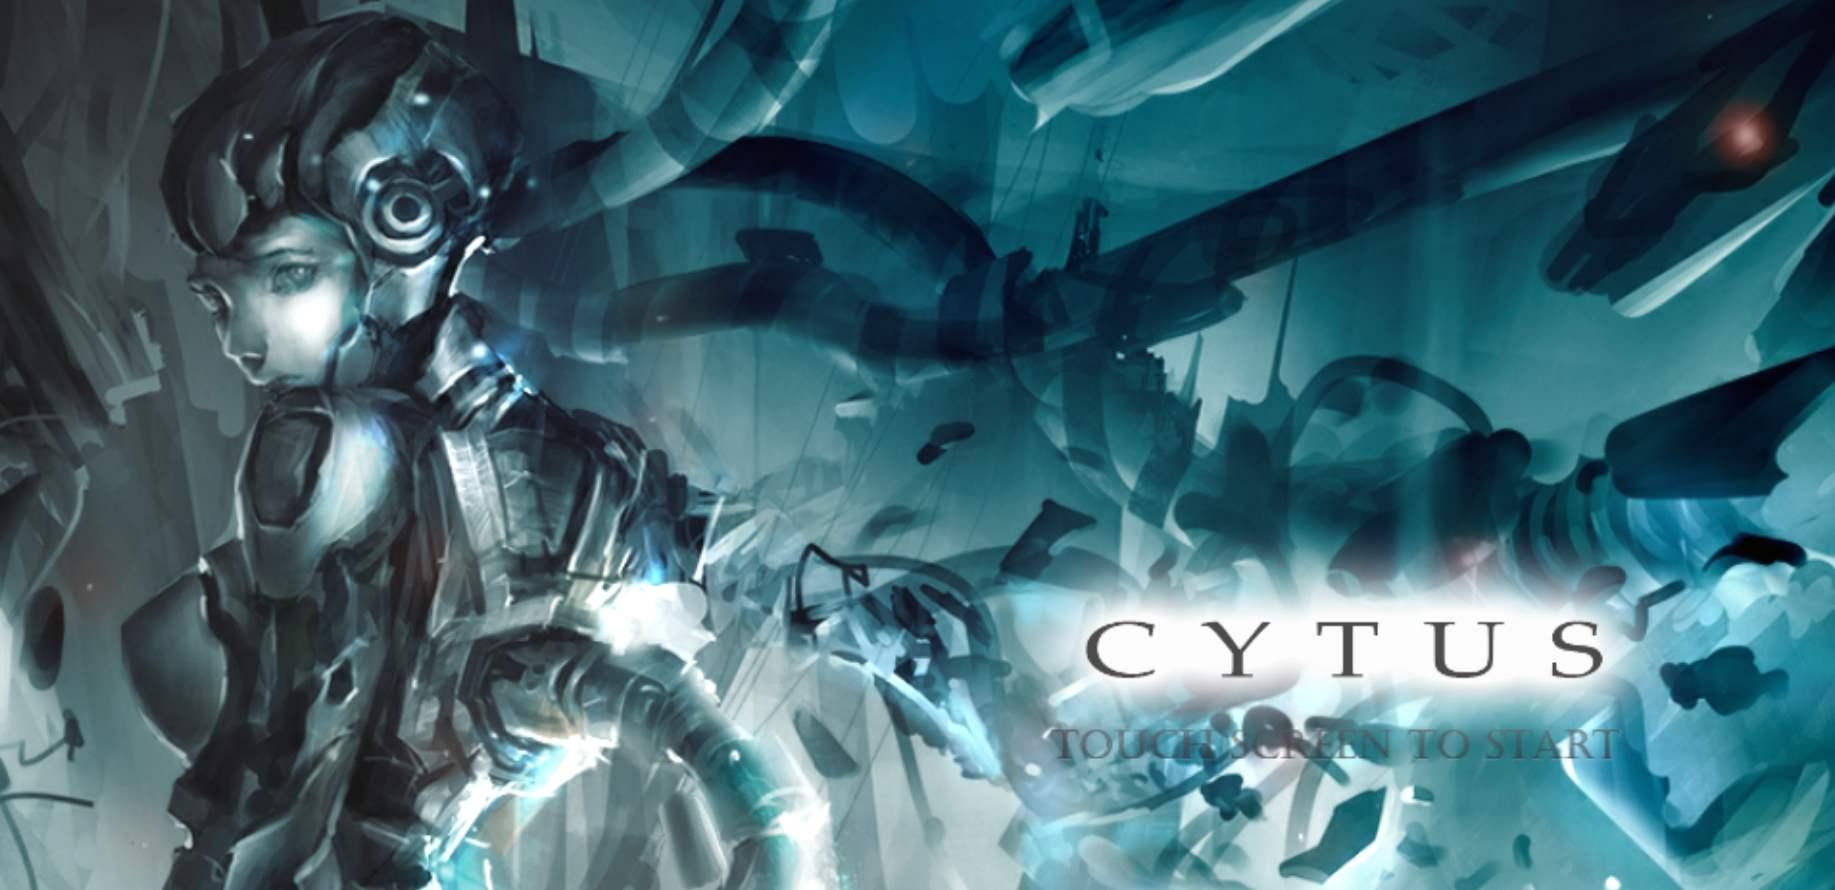 游戏推荐 《Cytus》